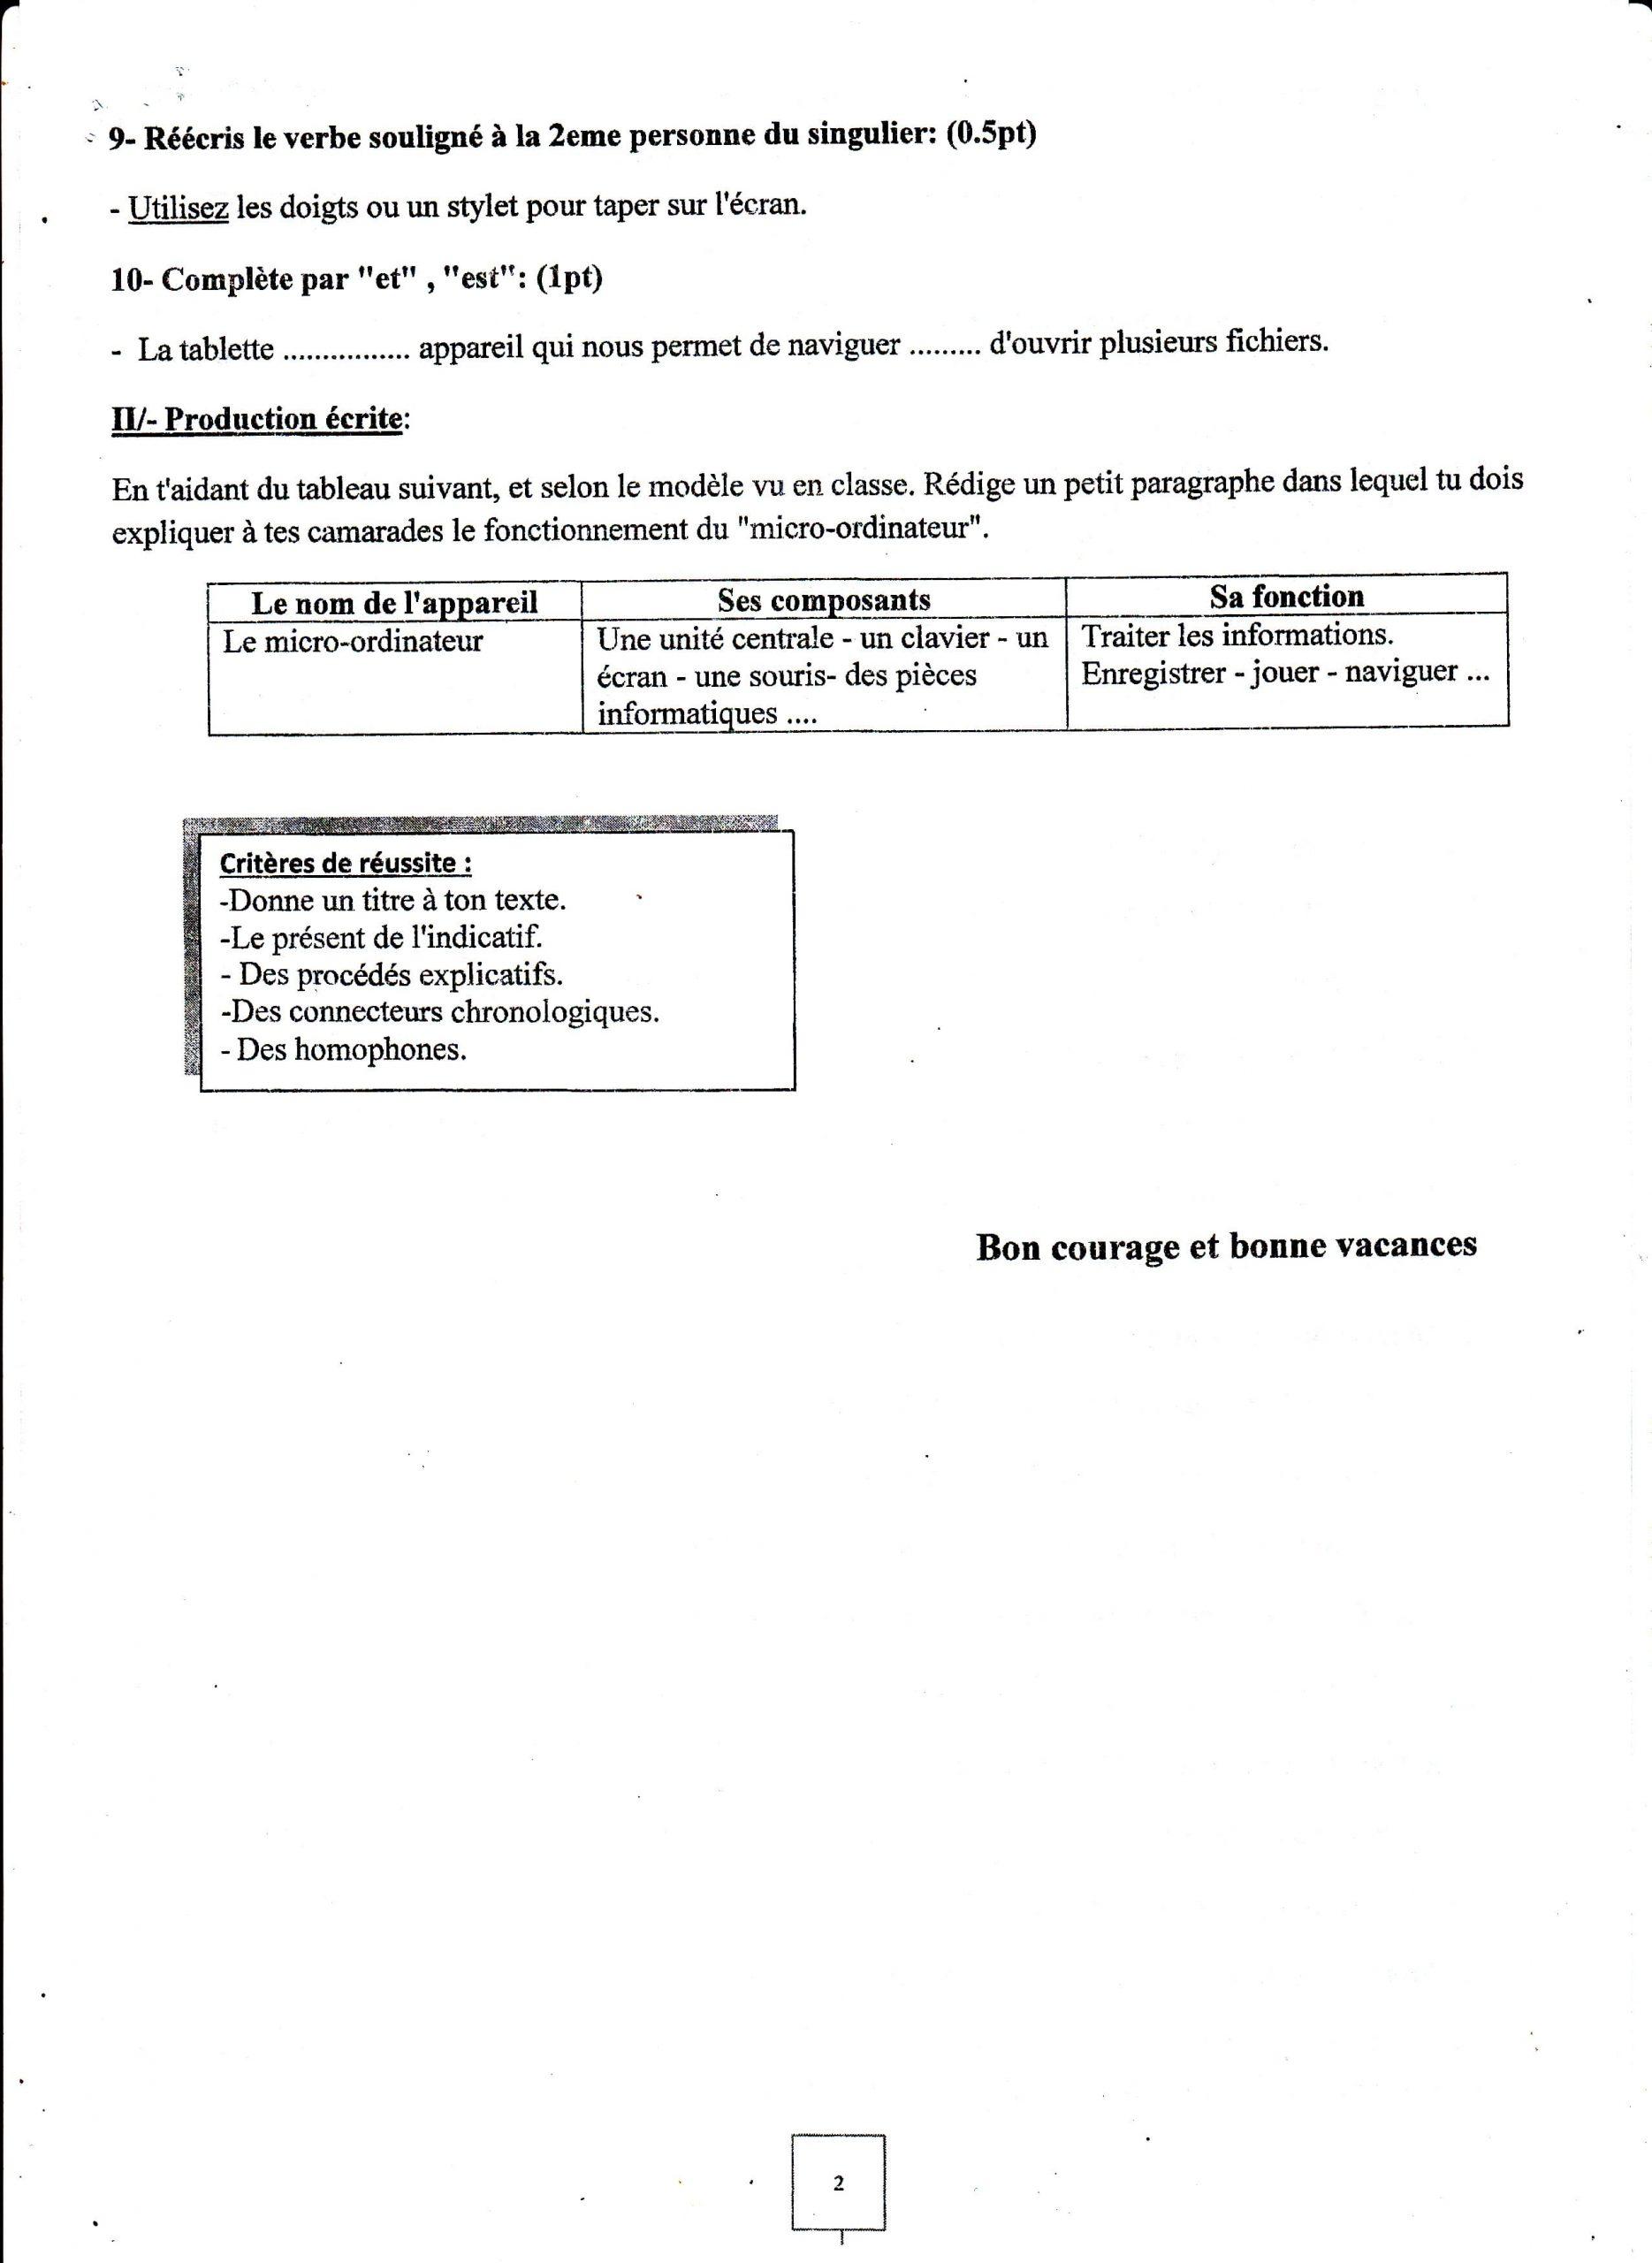 اختبار الفصل الثالث في اللغة الفرنسية للسنة الأولى متوسط - الموضوع 04